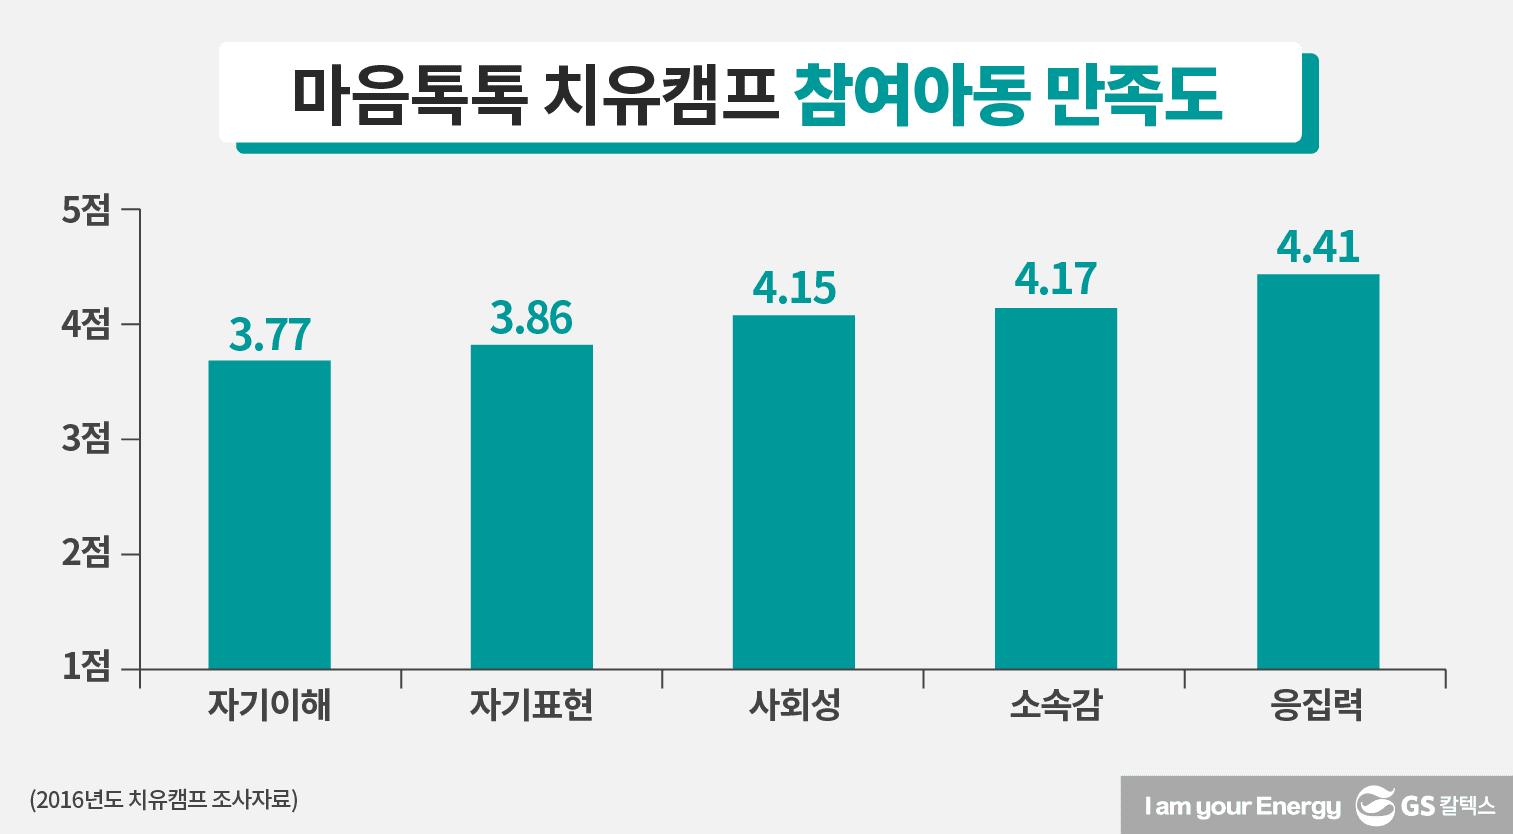 2016년도에 조사한 마음톡톡 치유캠프 참여아동의 만족도 지표다. 5전 만점 척도에서 1) 자기이해 3.77점, 2) 자기표현 3.86점, 3) 사회성 4.15점, 4) 소속감 4.17점, 5) 응집력 4.41점.